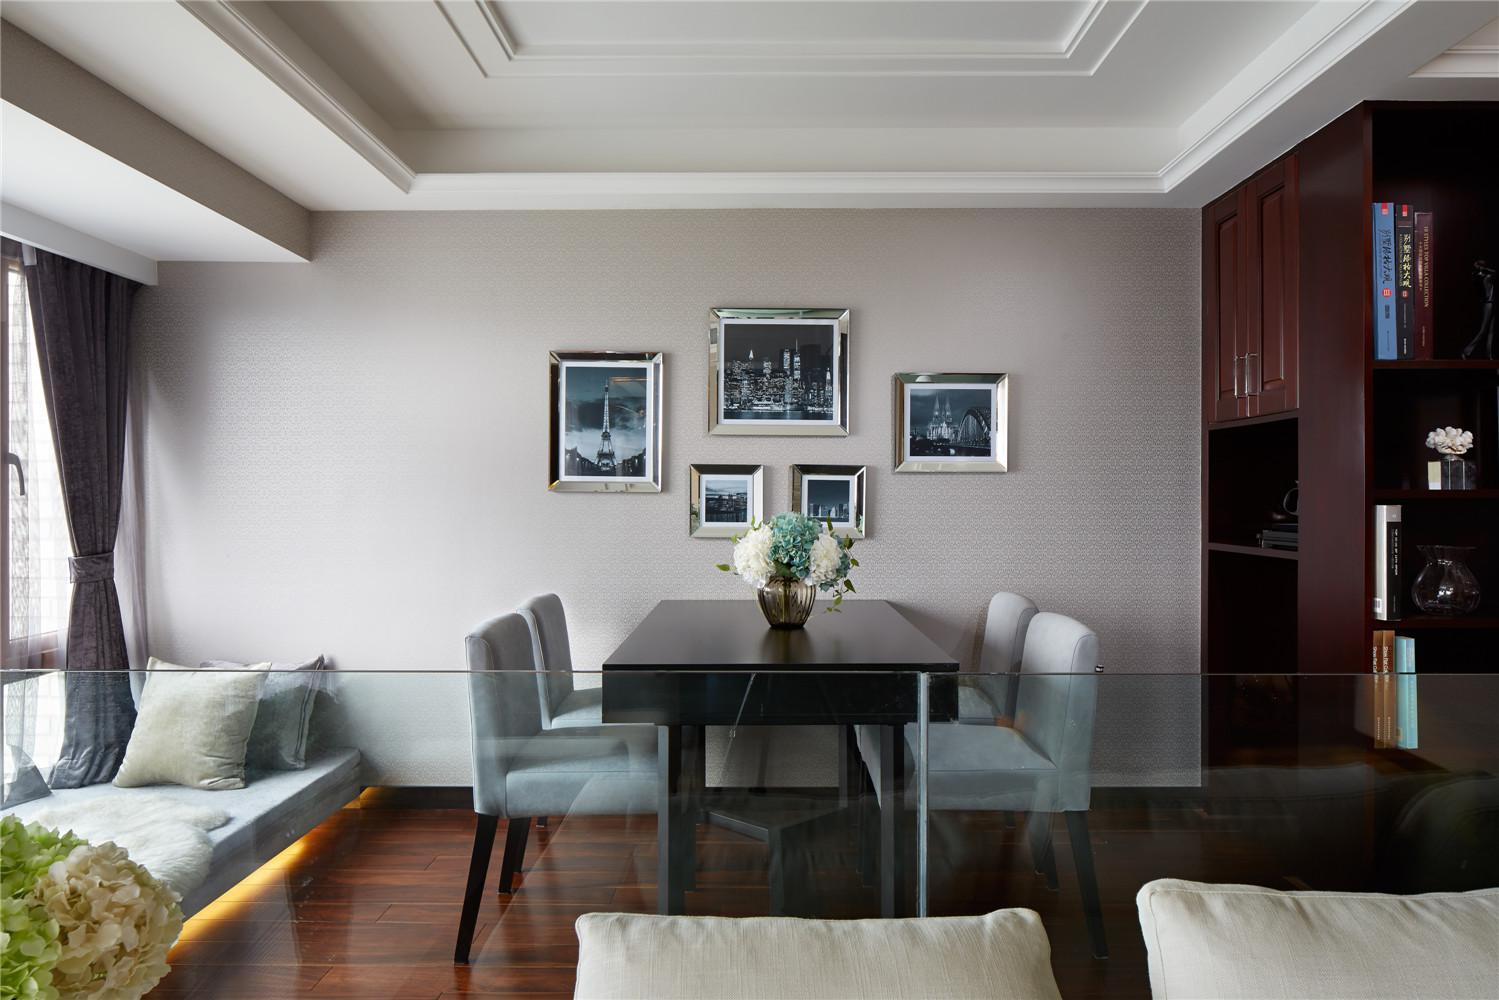 简约 中式 三居 餐厅图片来自张勇高级室内设计师在润枫领尚中式设计案例效果展示的分享